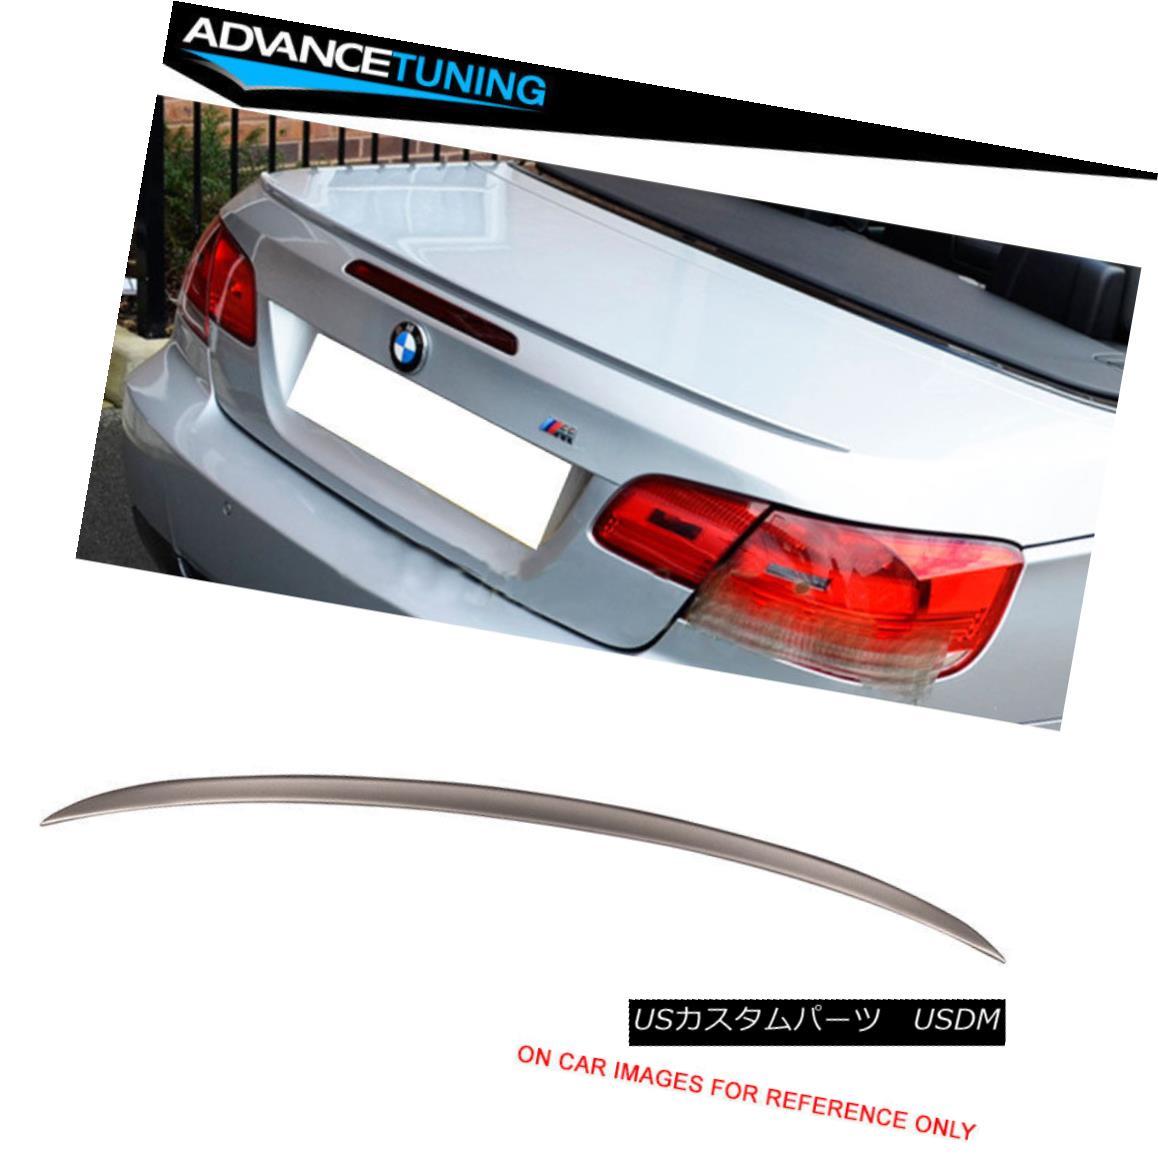 エアロパーツ Fits 07-13 E93 M3 Trunk Spoiler OEM Painted #A53 Platinum Bronze Metallic フィット07-13 E93 M3トランクスポイラーOEM塗装#A53プラチナブロンズメタリック